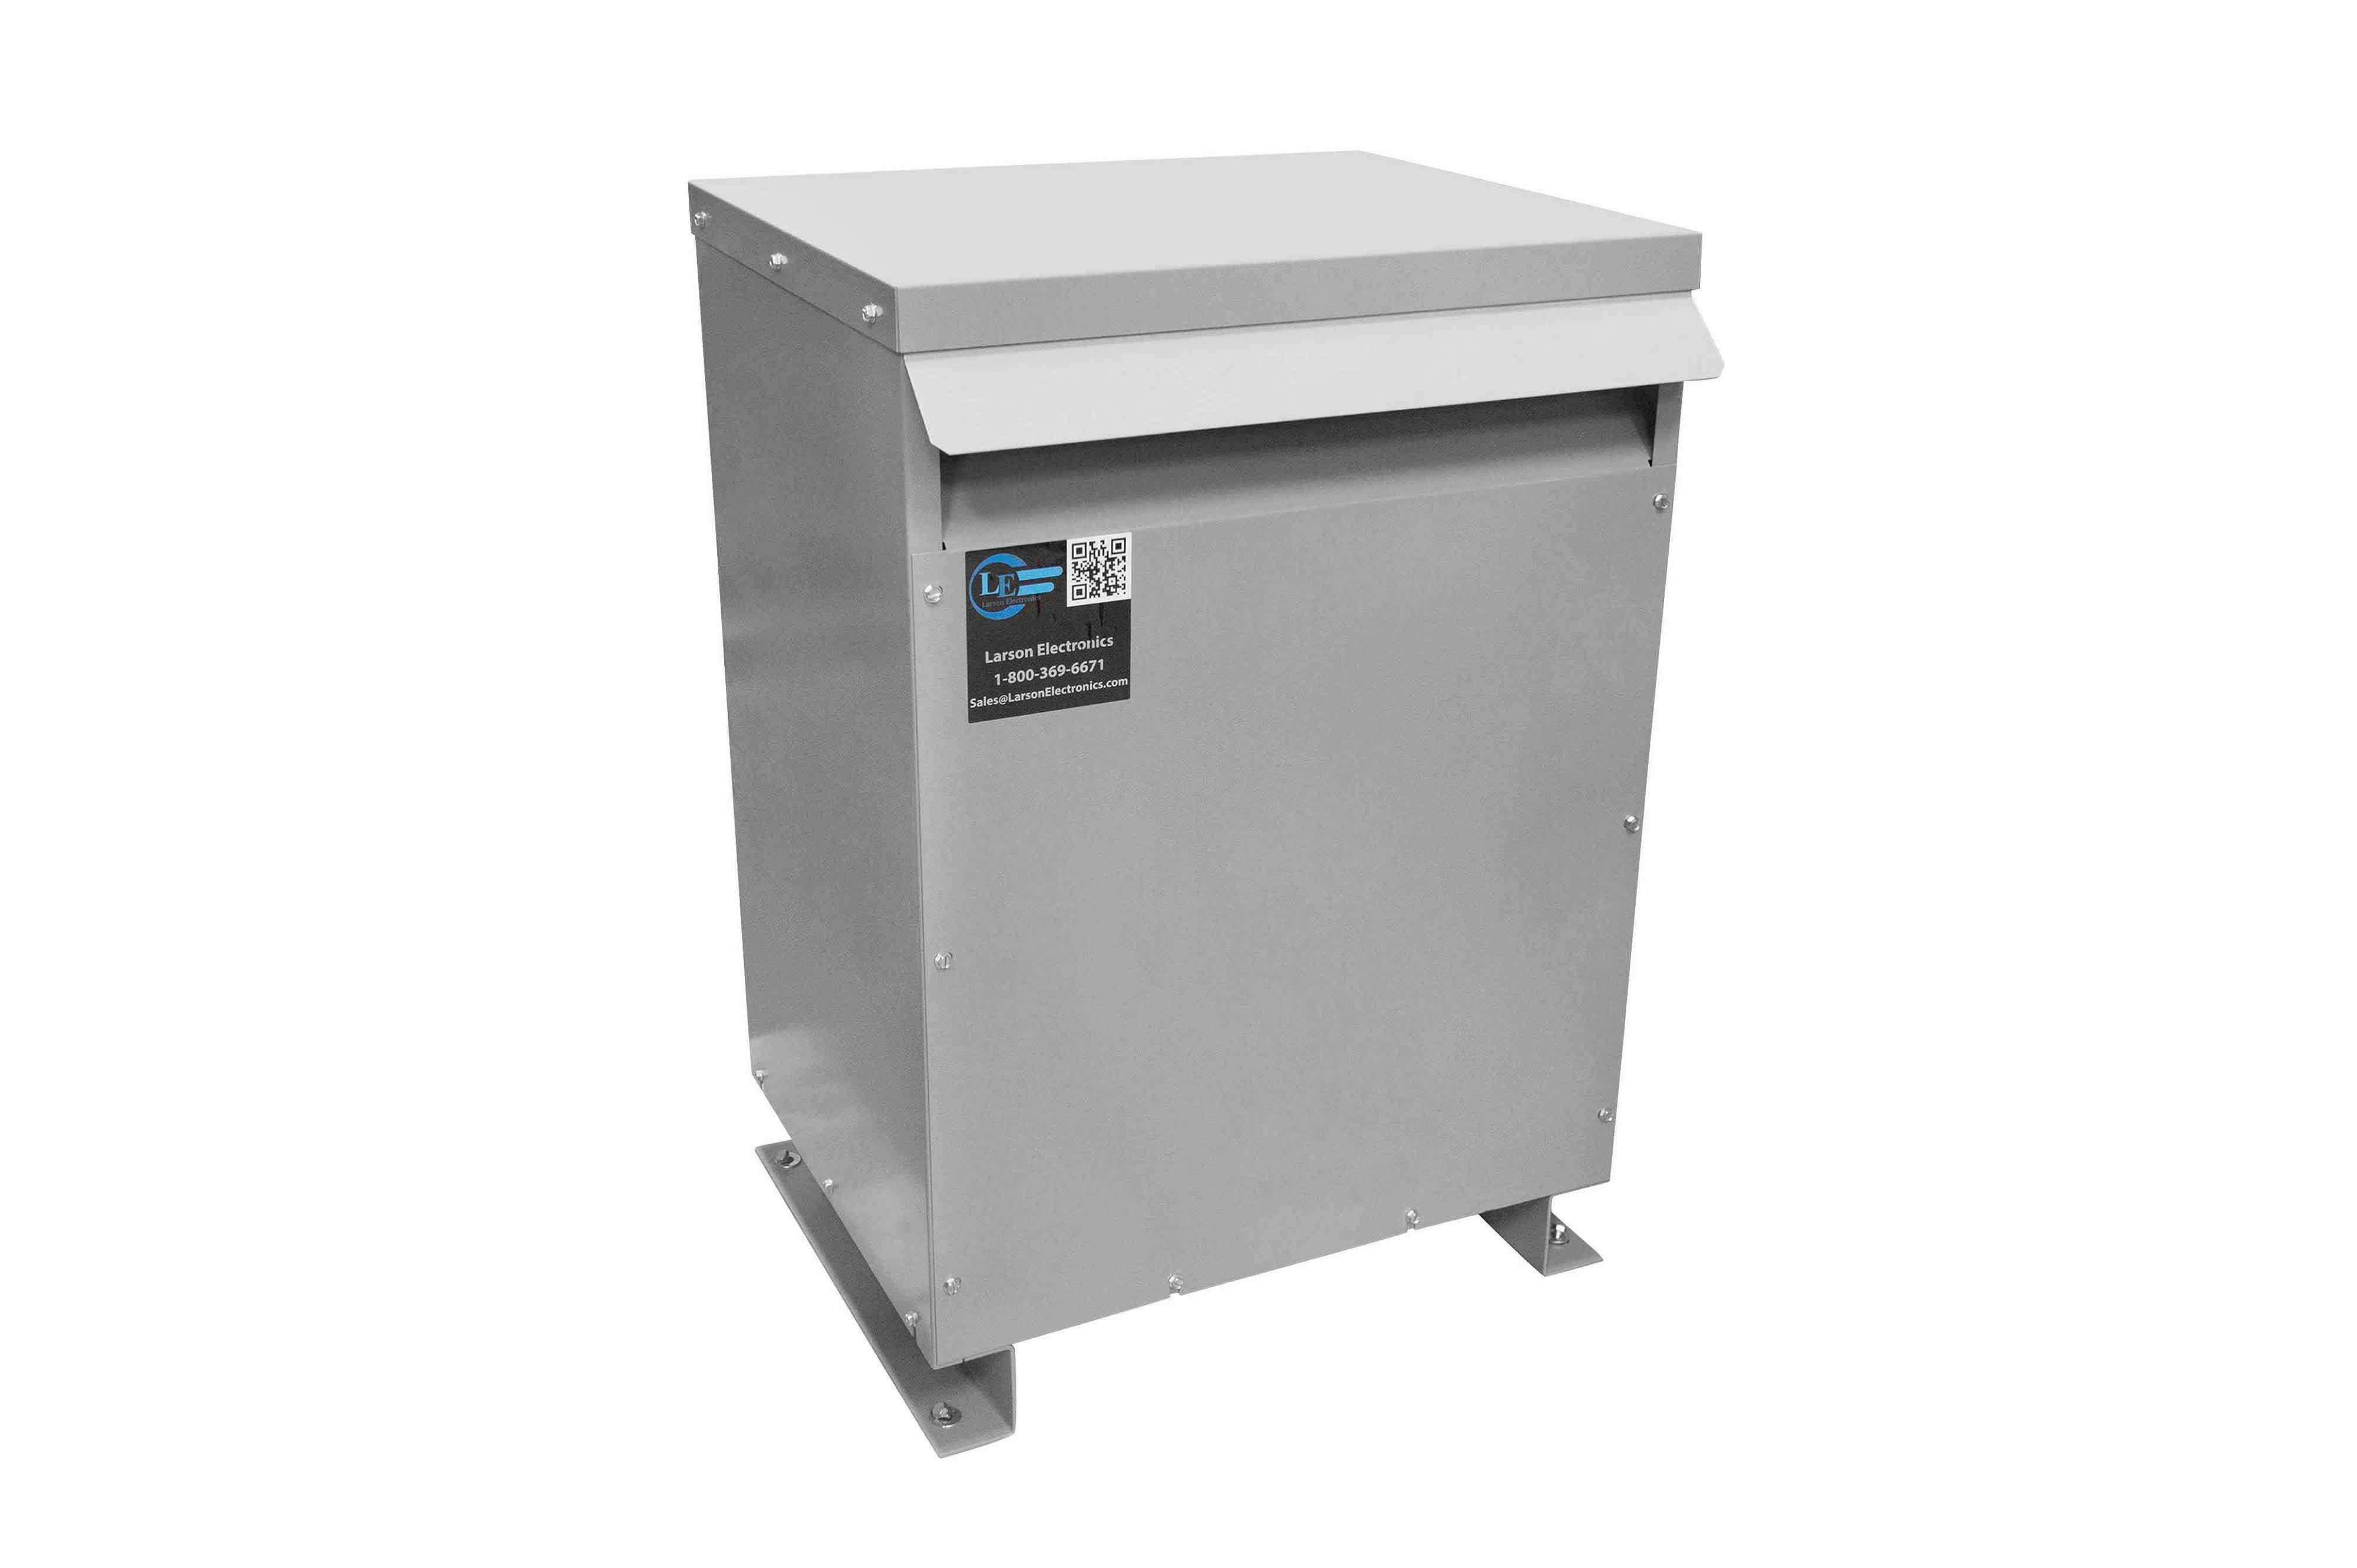 40 kVA 3PH Isolation Transformer, 460V Delta Primary, 240 Delta Secondary, N3R, Ventilated, 60 Hz